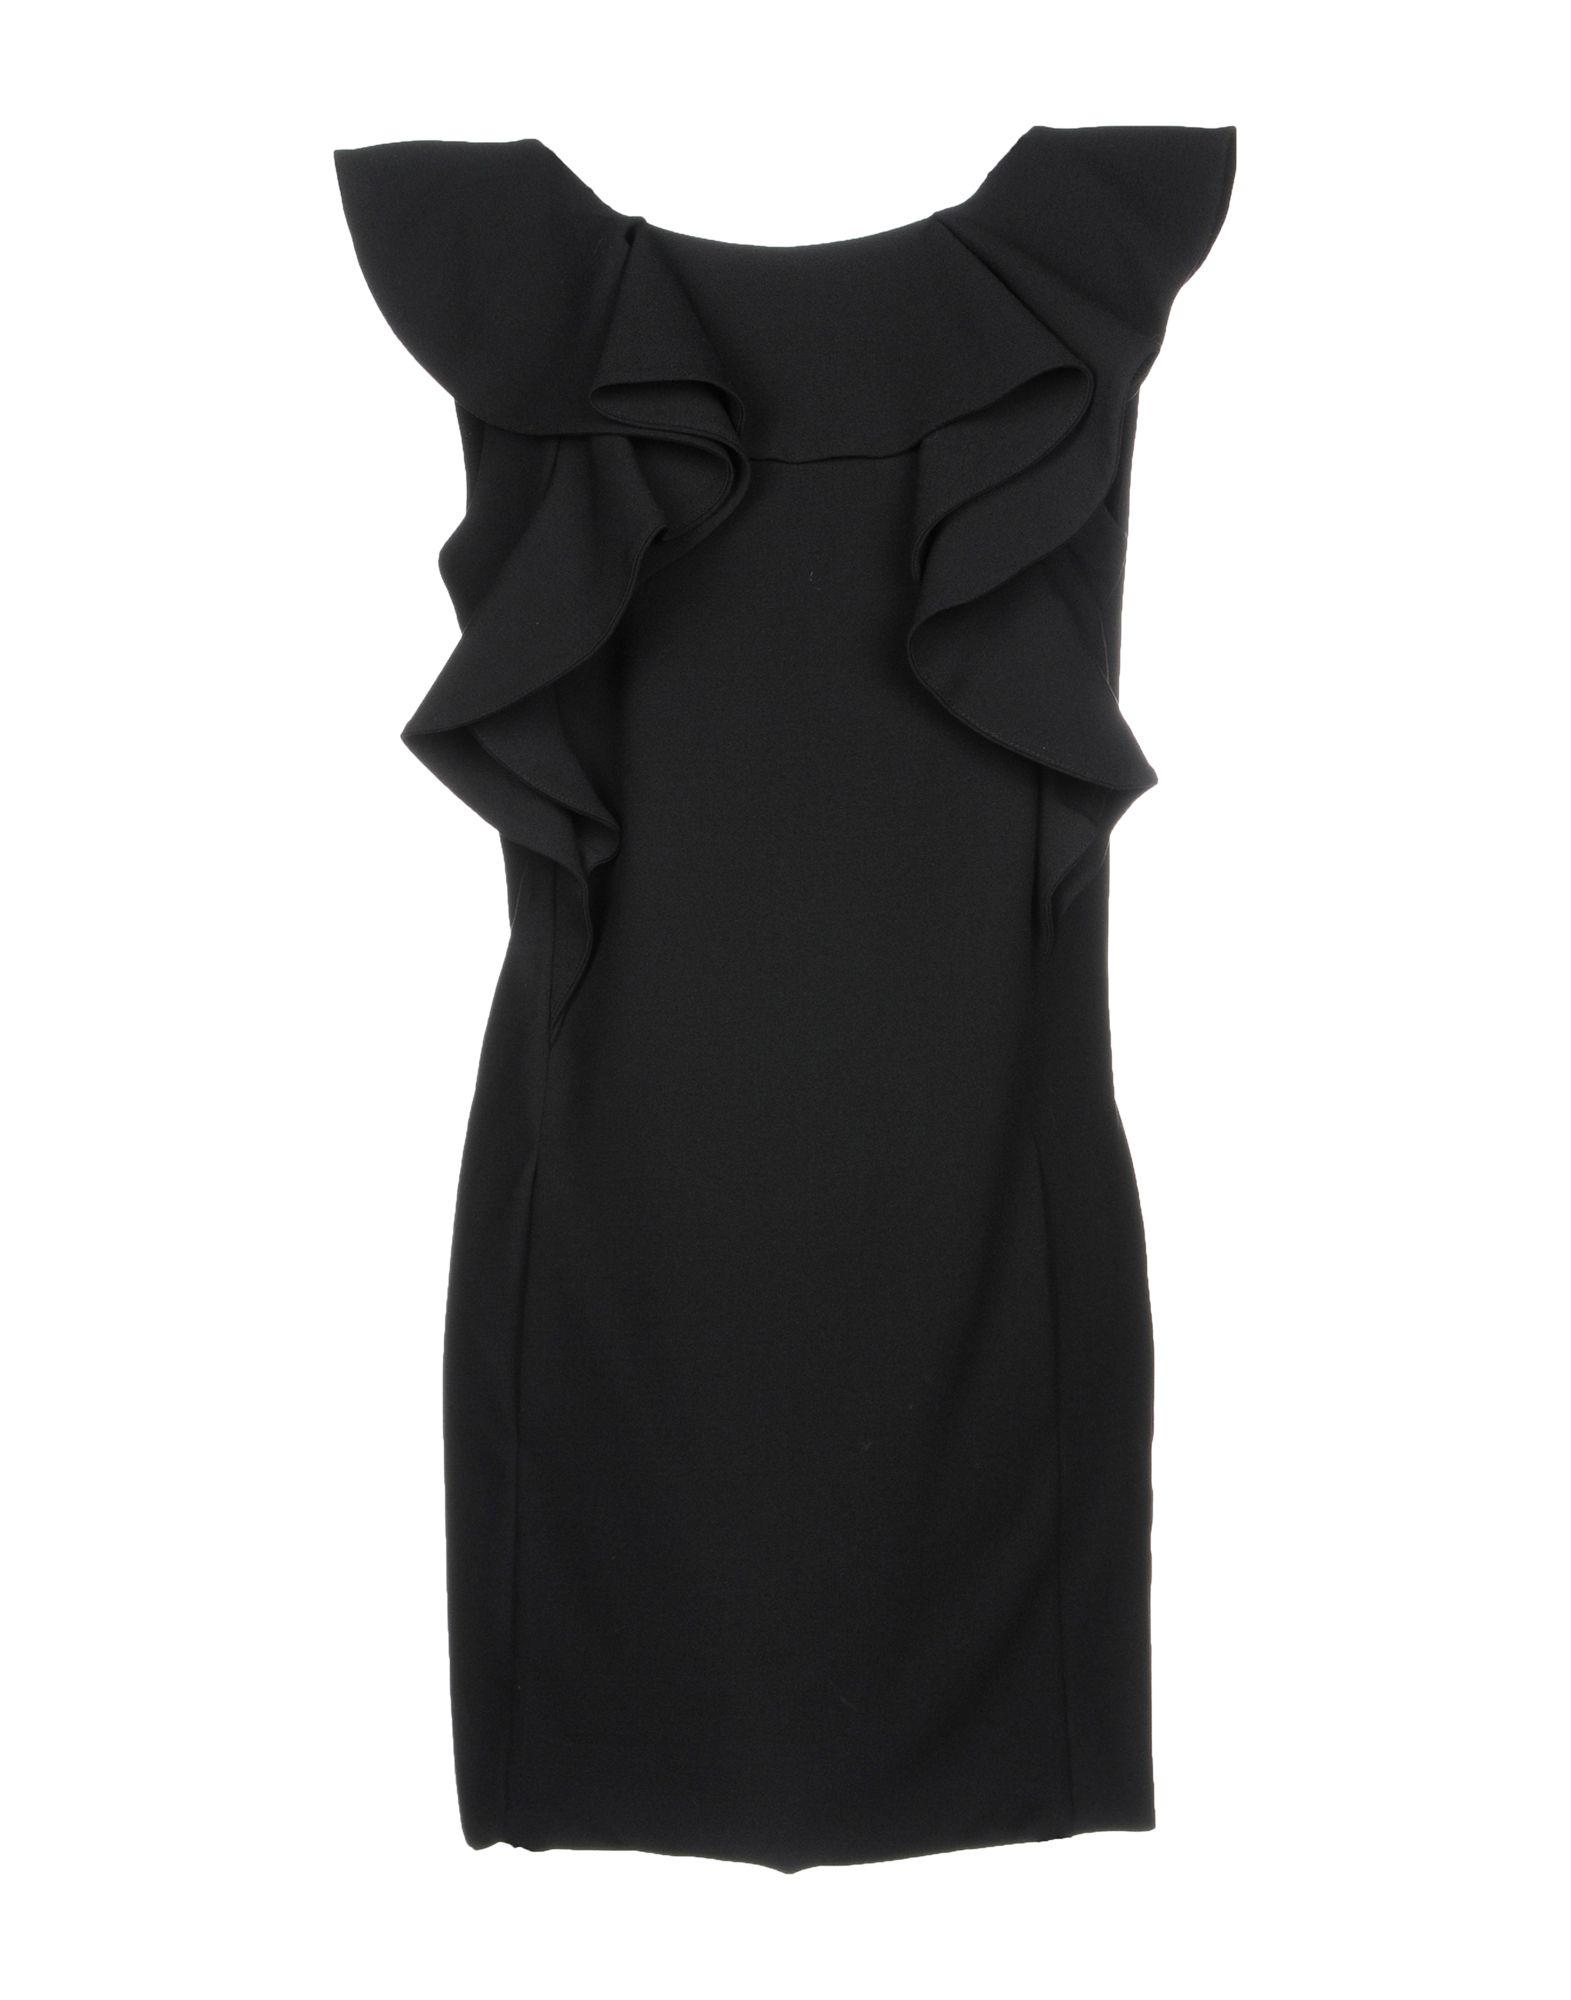 Vestito Corto Mangano Donna - Acquista online su vPeN6g5